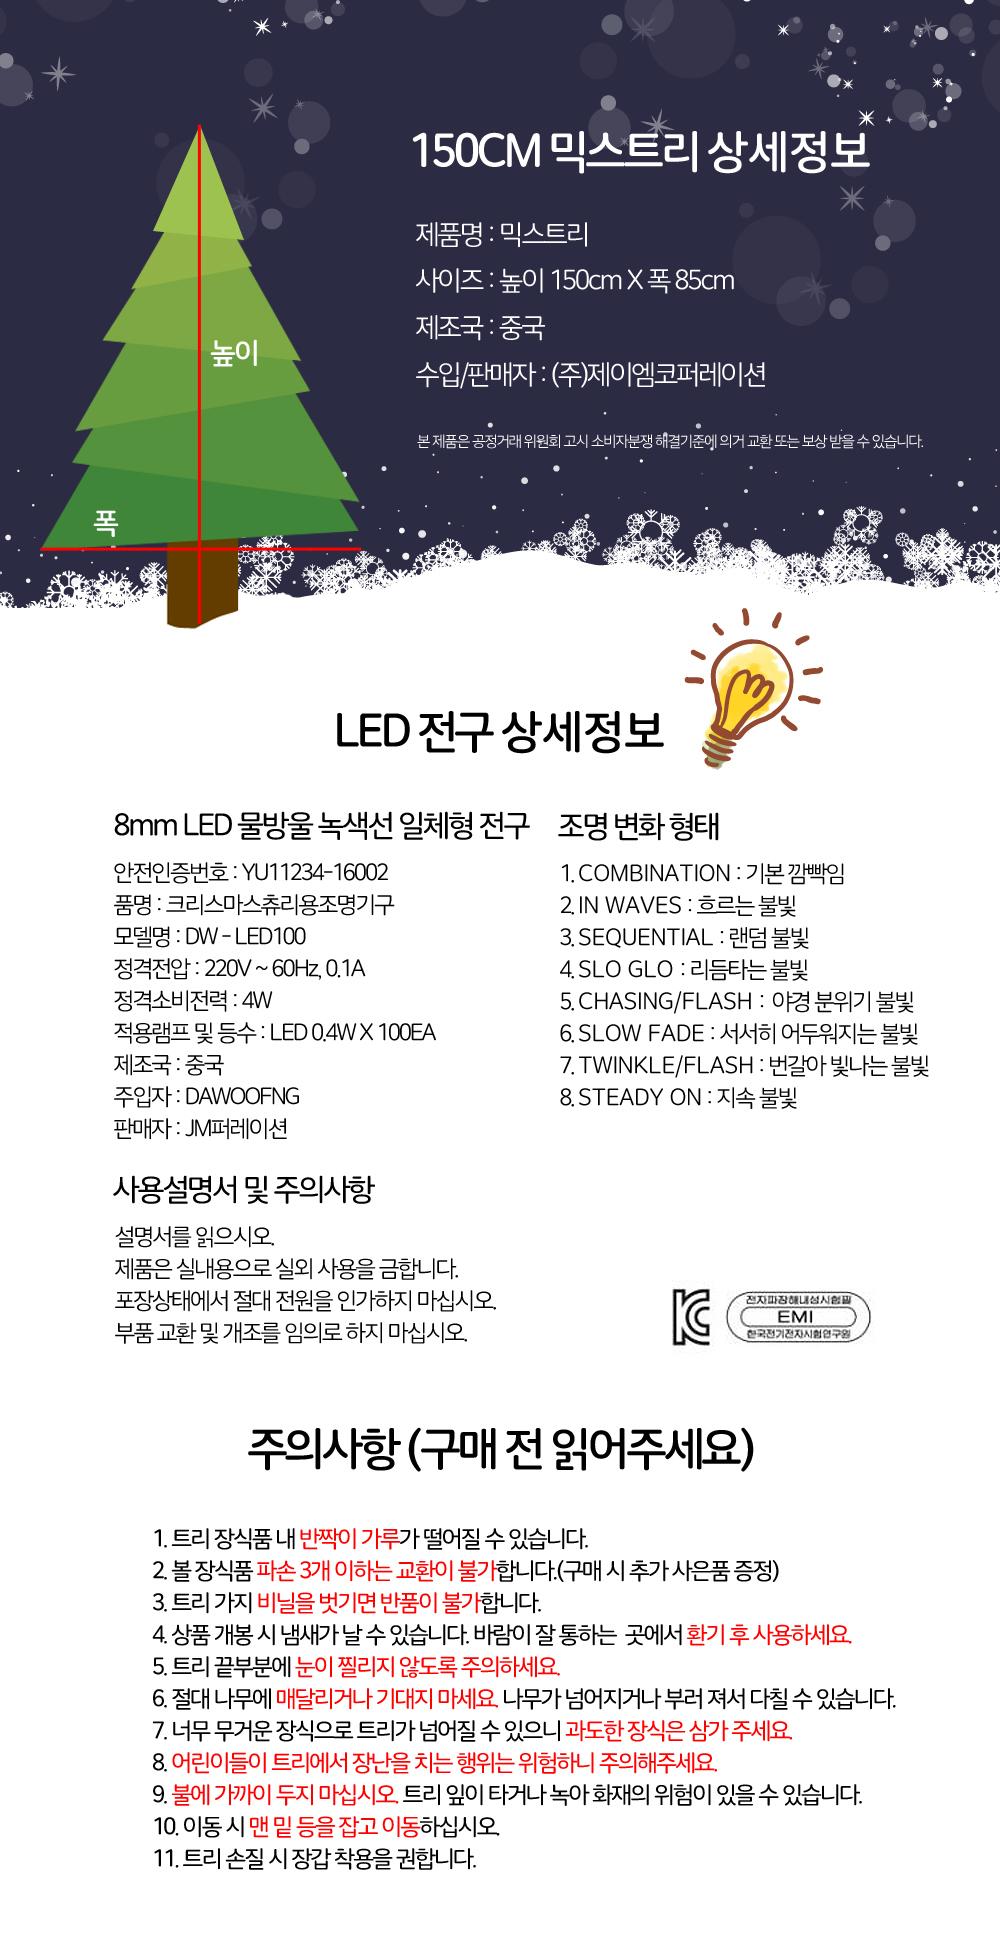 비솜 - 크리스마스 고급 믹스트리 150cm 풀세트 - 비솜, 106,400원, 트리, 트리